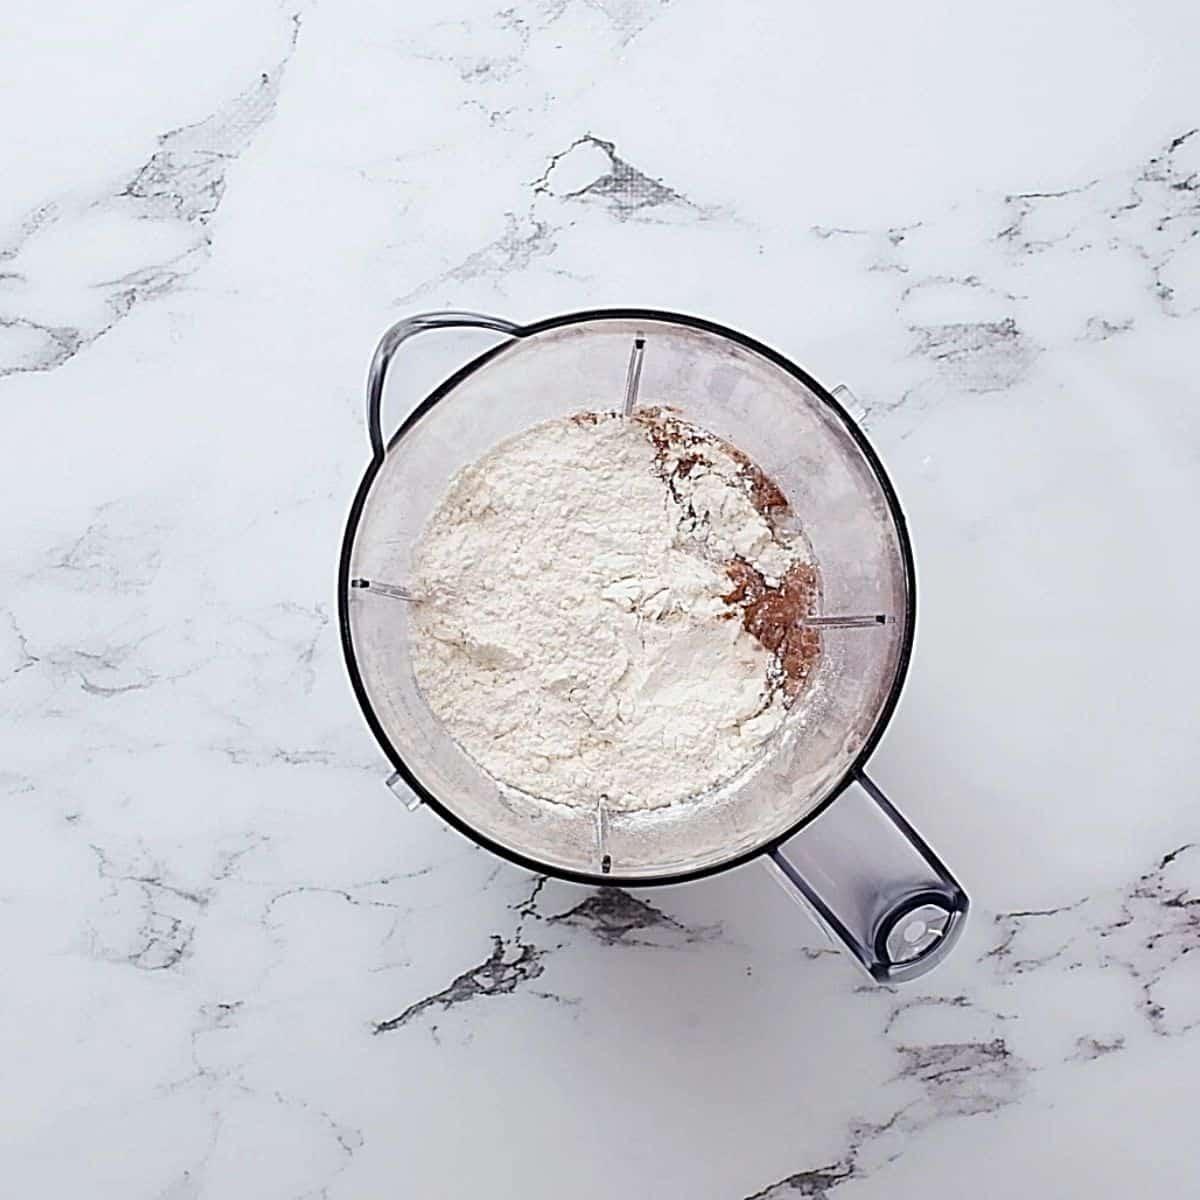 Blender with flour, eggs, milk, baking powder in it.